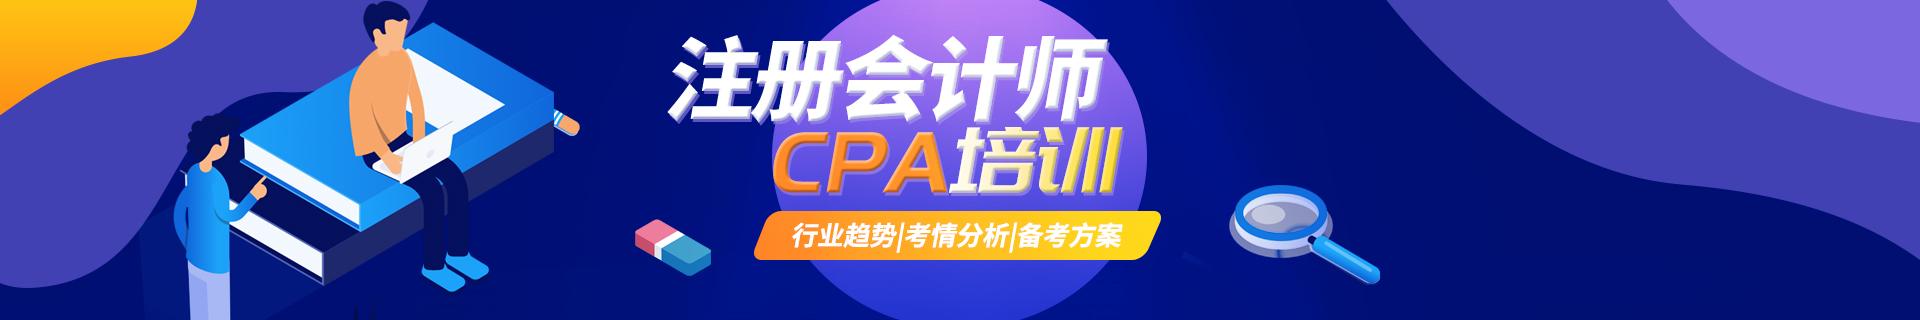 福州台江仁和会计培训机构